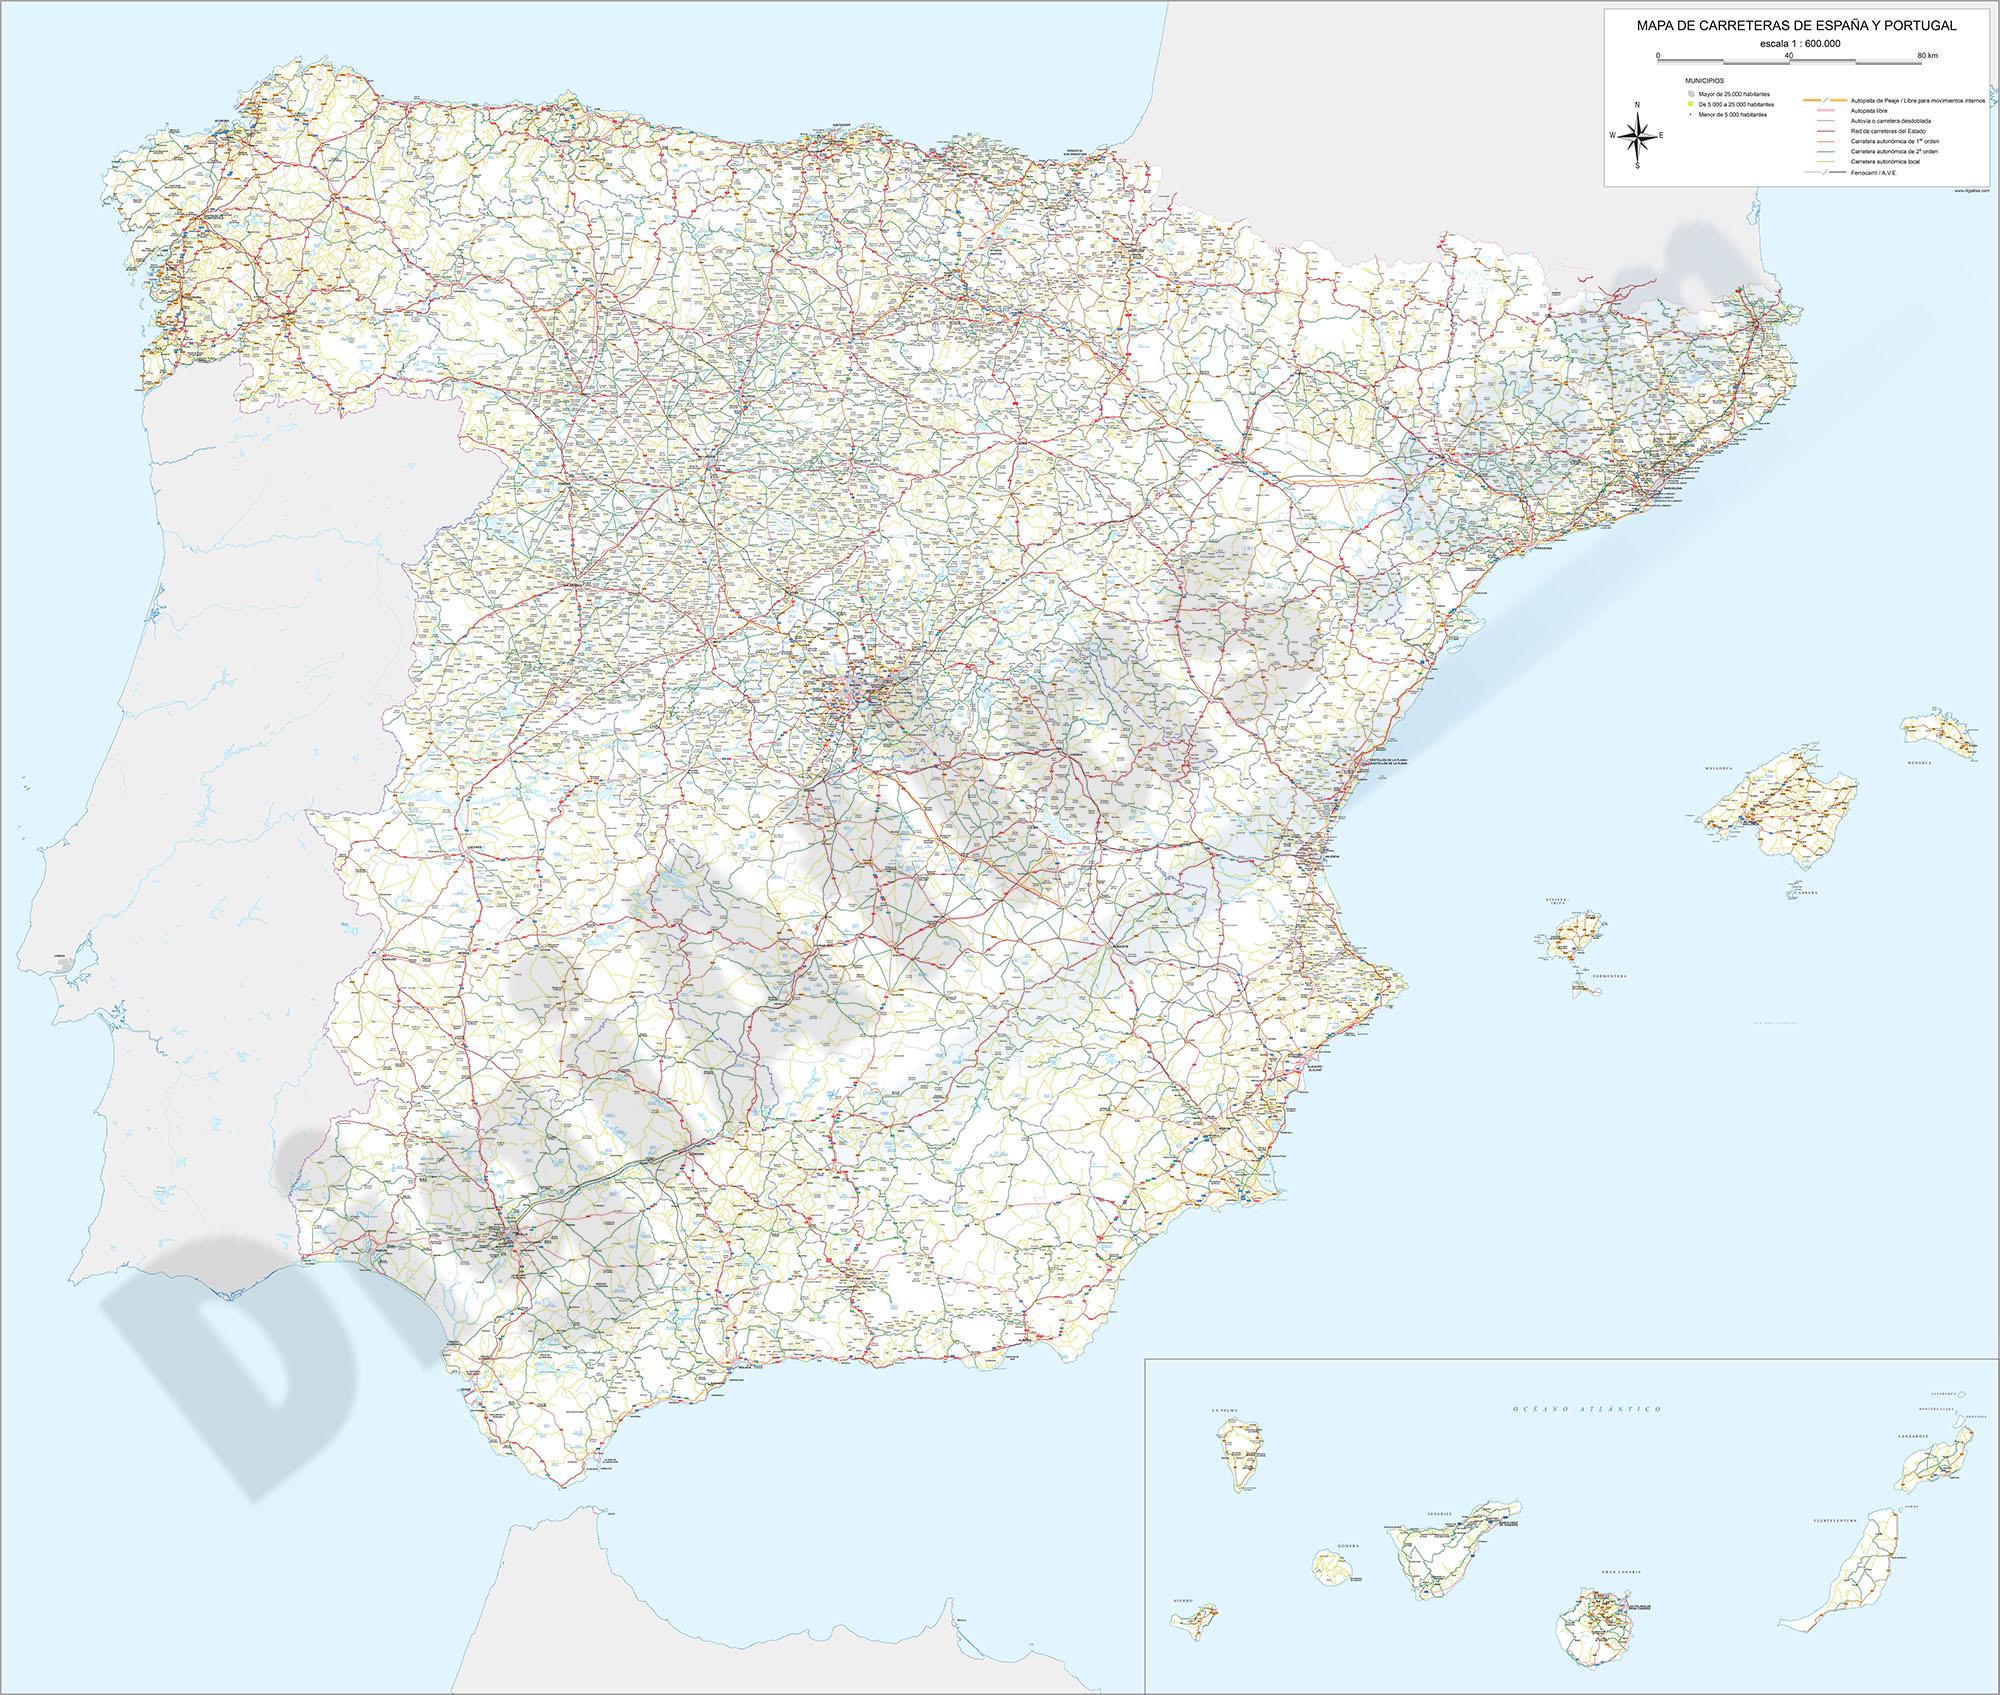 Mapa de carreteras y poblaciones de España